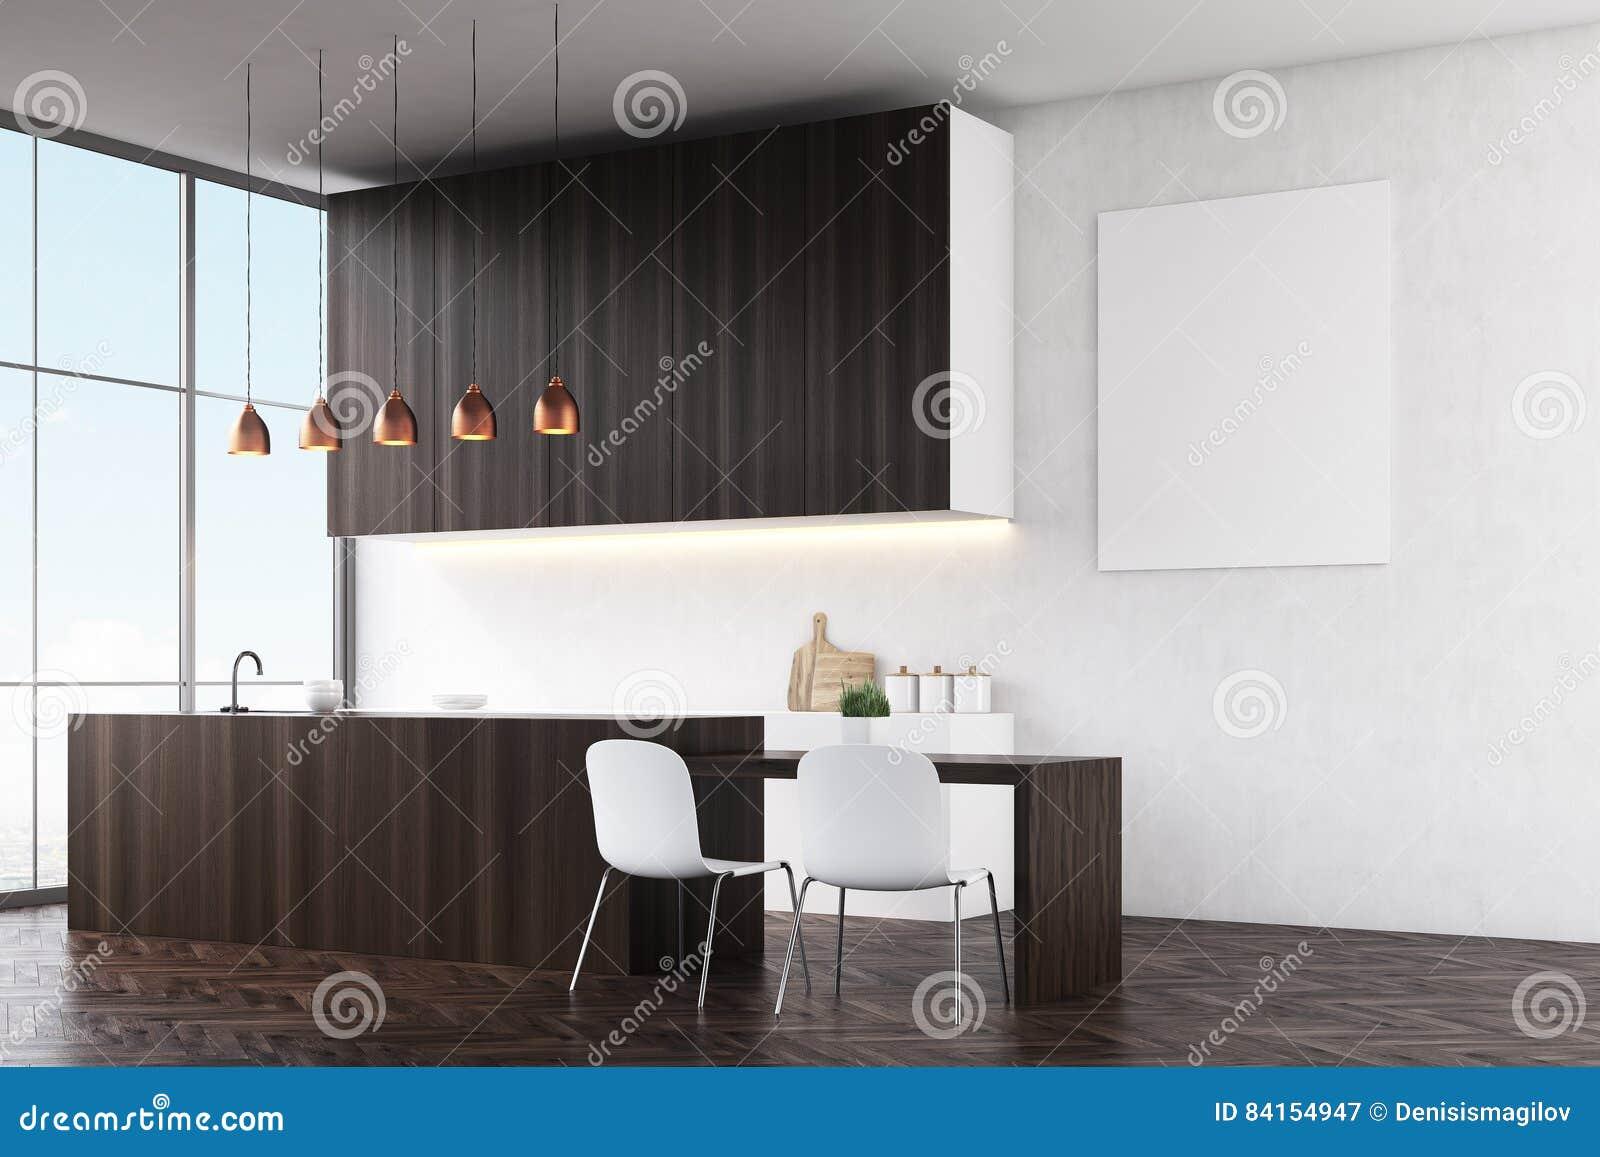 Grote Donkere Eettafel.Keuken Met Witte Muren Donkere Houten Tellers En Witte Stoelen